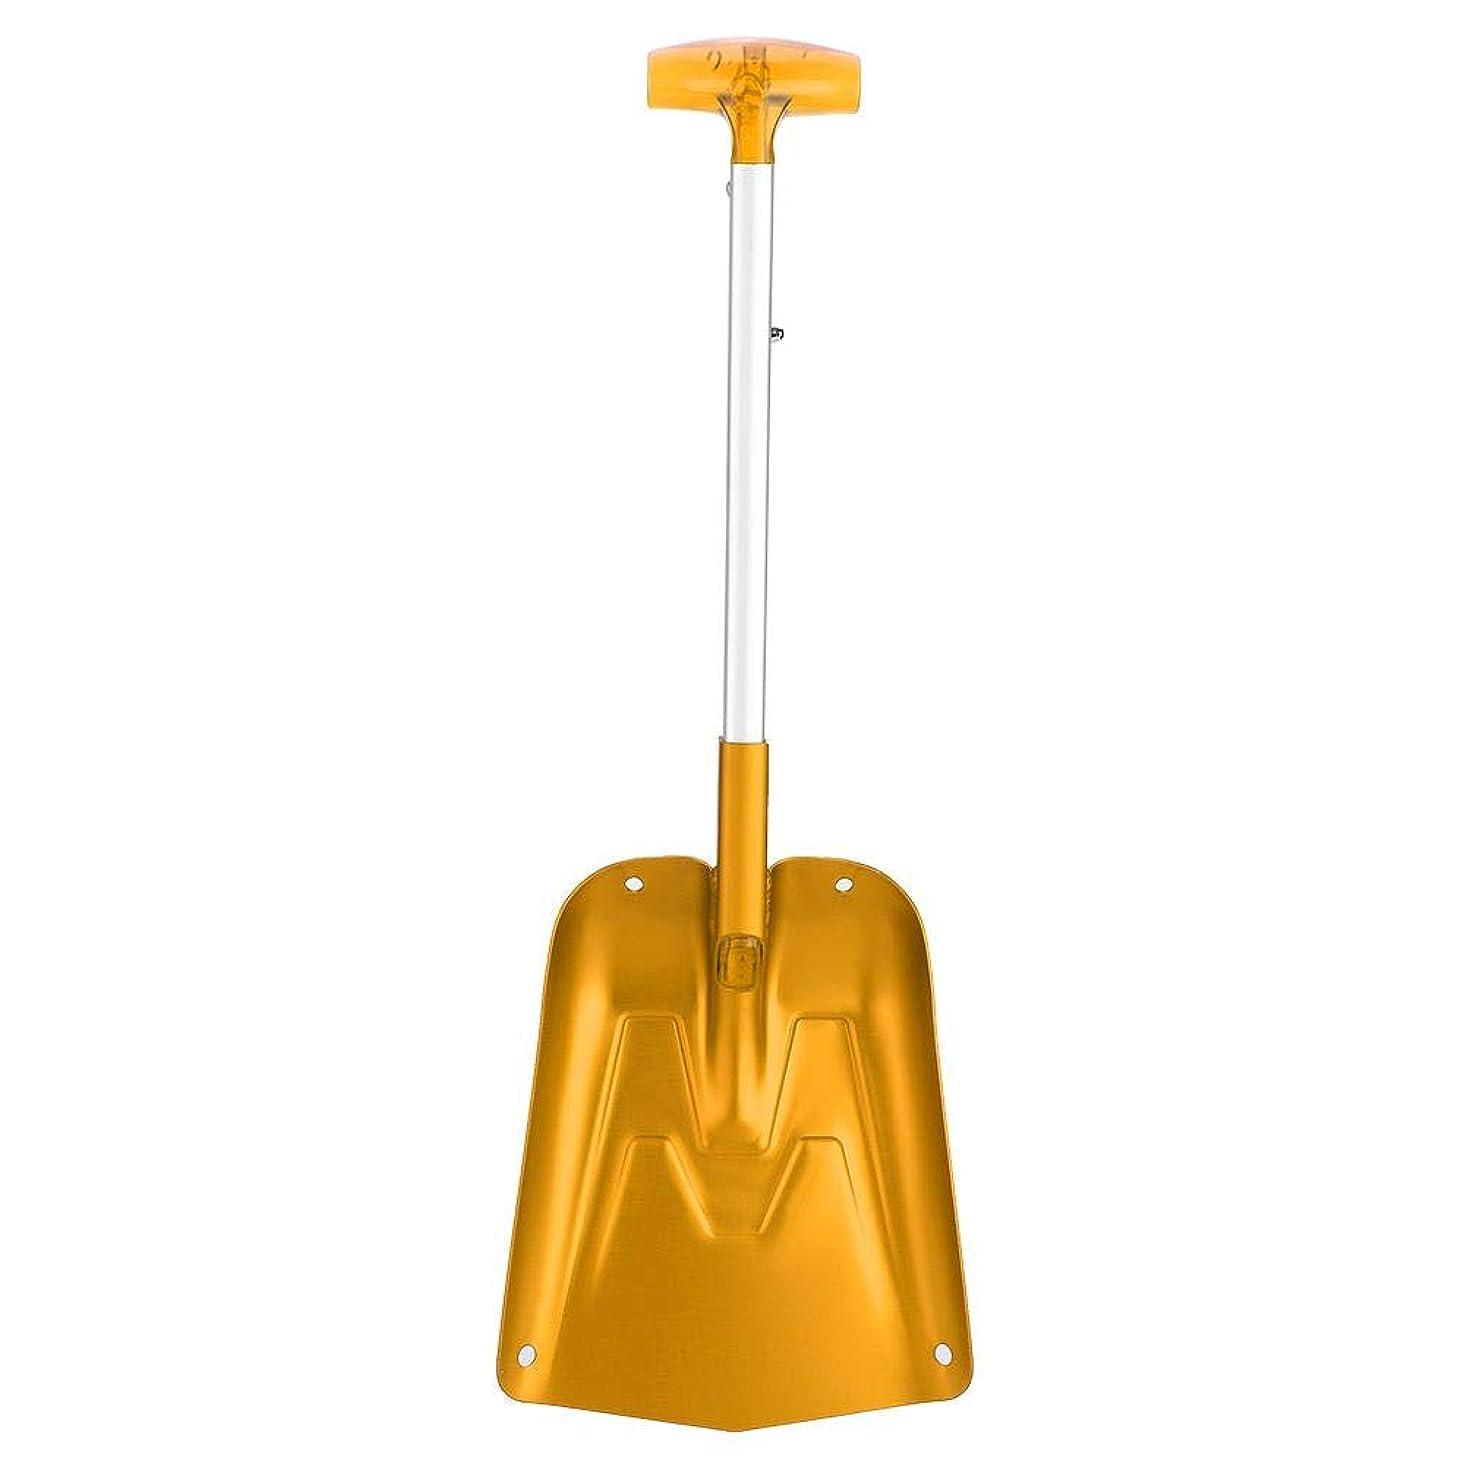 アレルギー性マージンふさわしいシャベル スノーショベル 折りたたみシャベル 伸縮式 雪かきスコップ 軽量 携帯スコップ 組み立て式 除雪